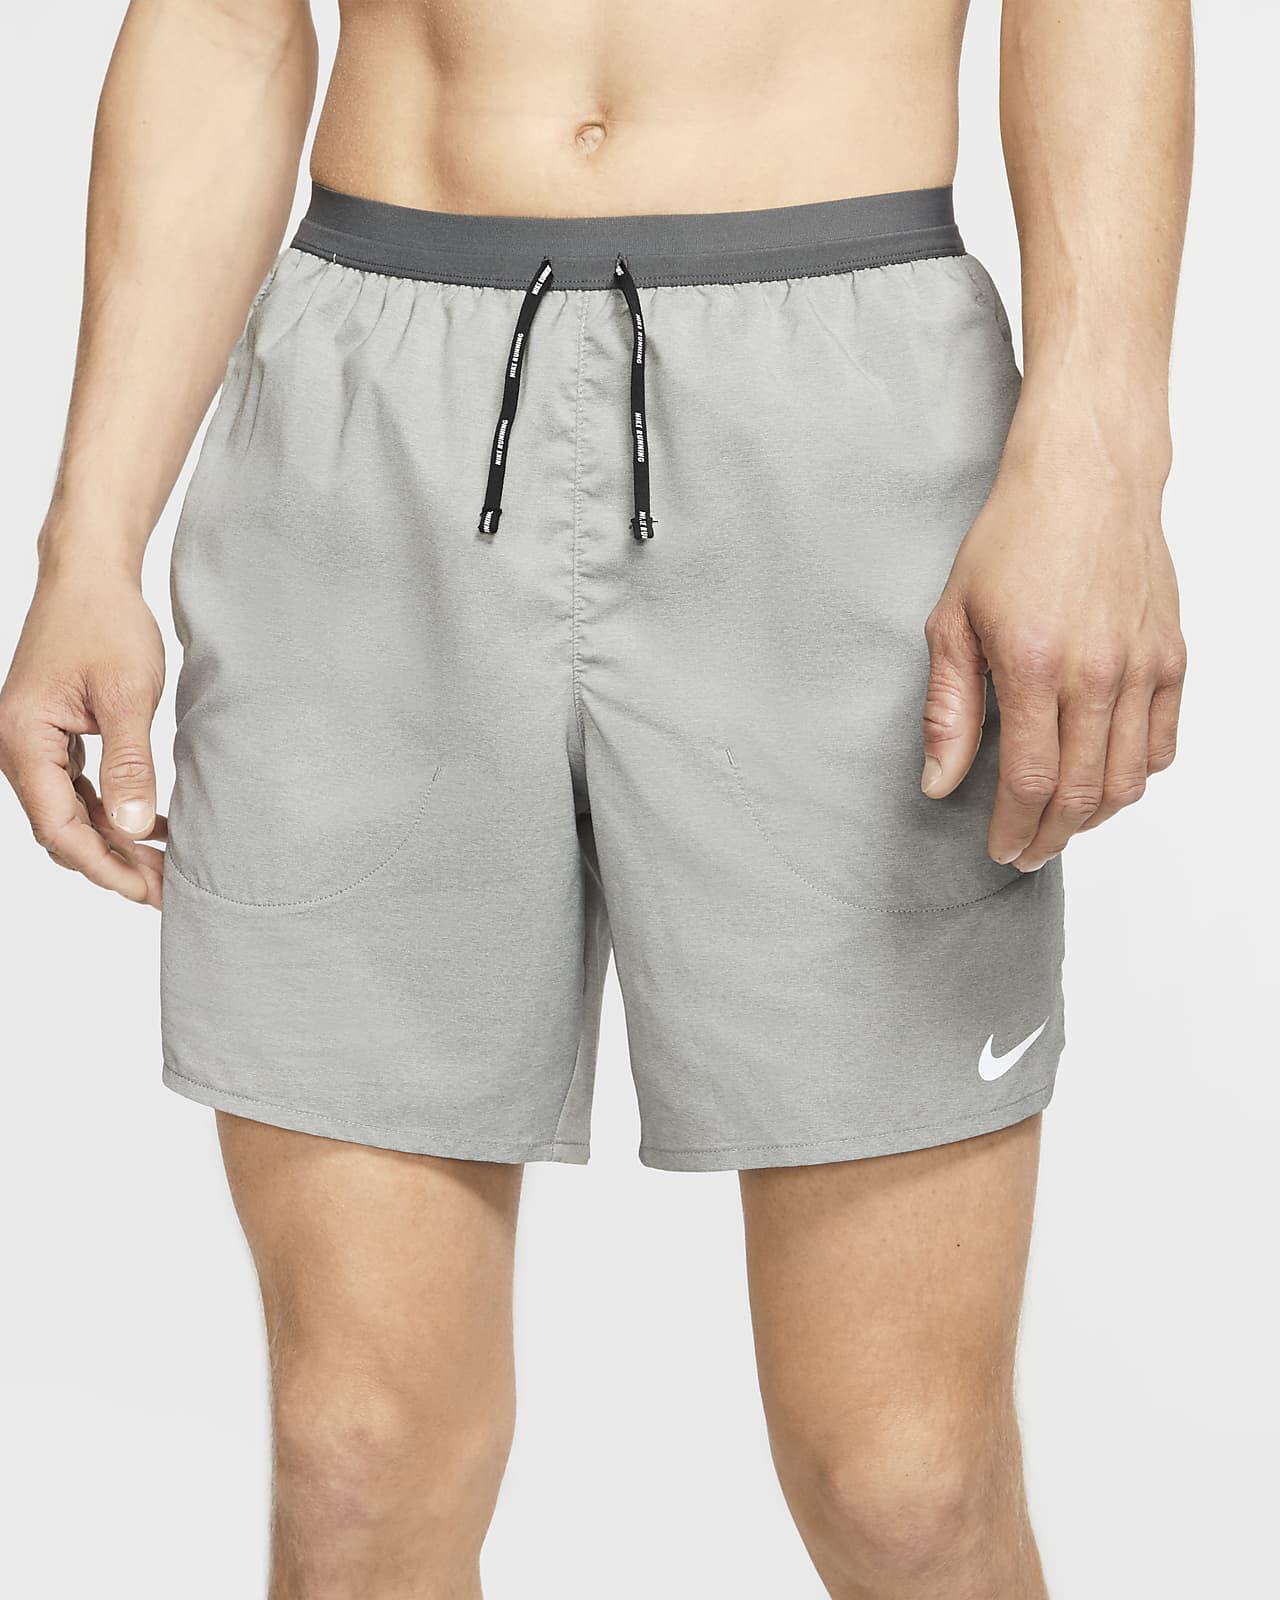 Shorts de running con ropa interior incorporada para hombre Nike Flex Stride